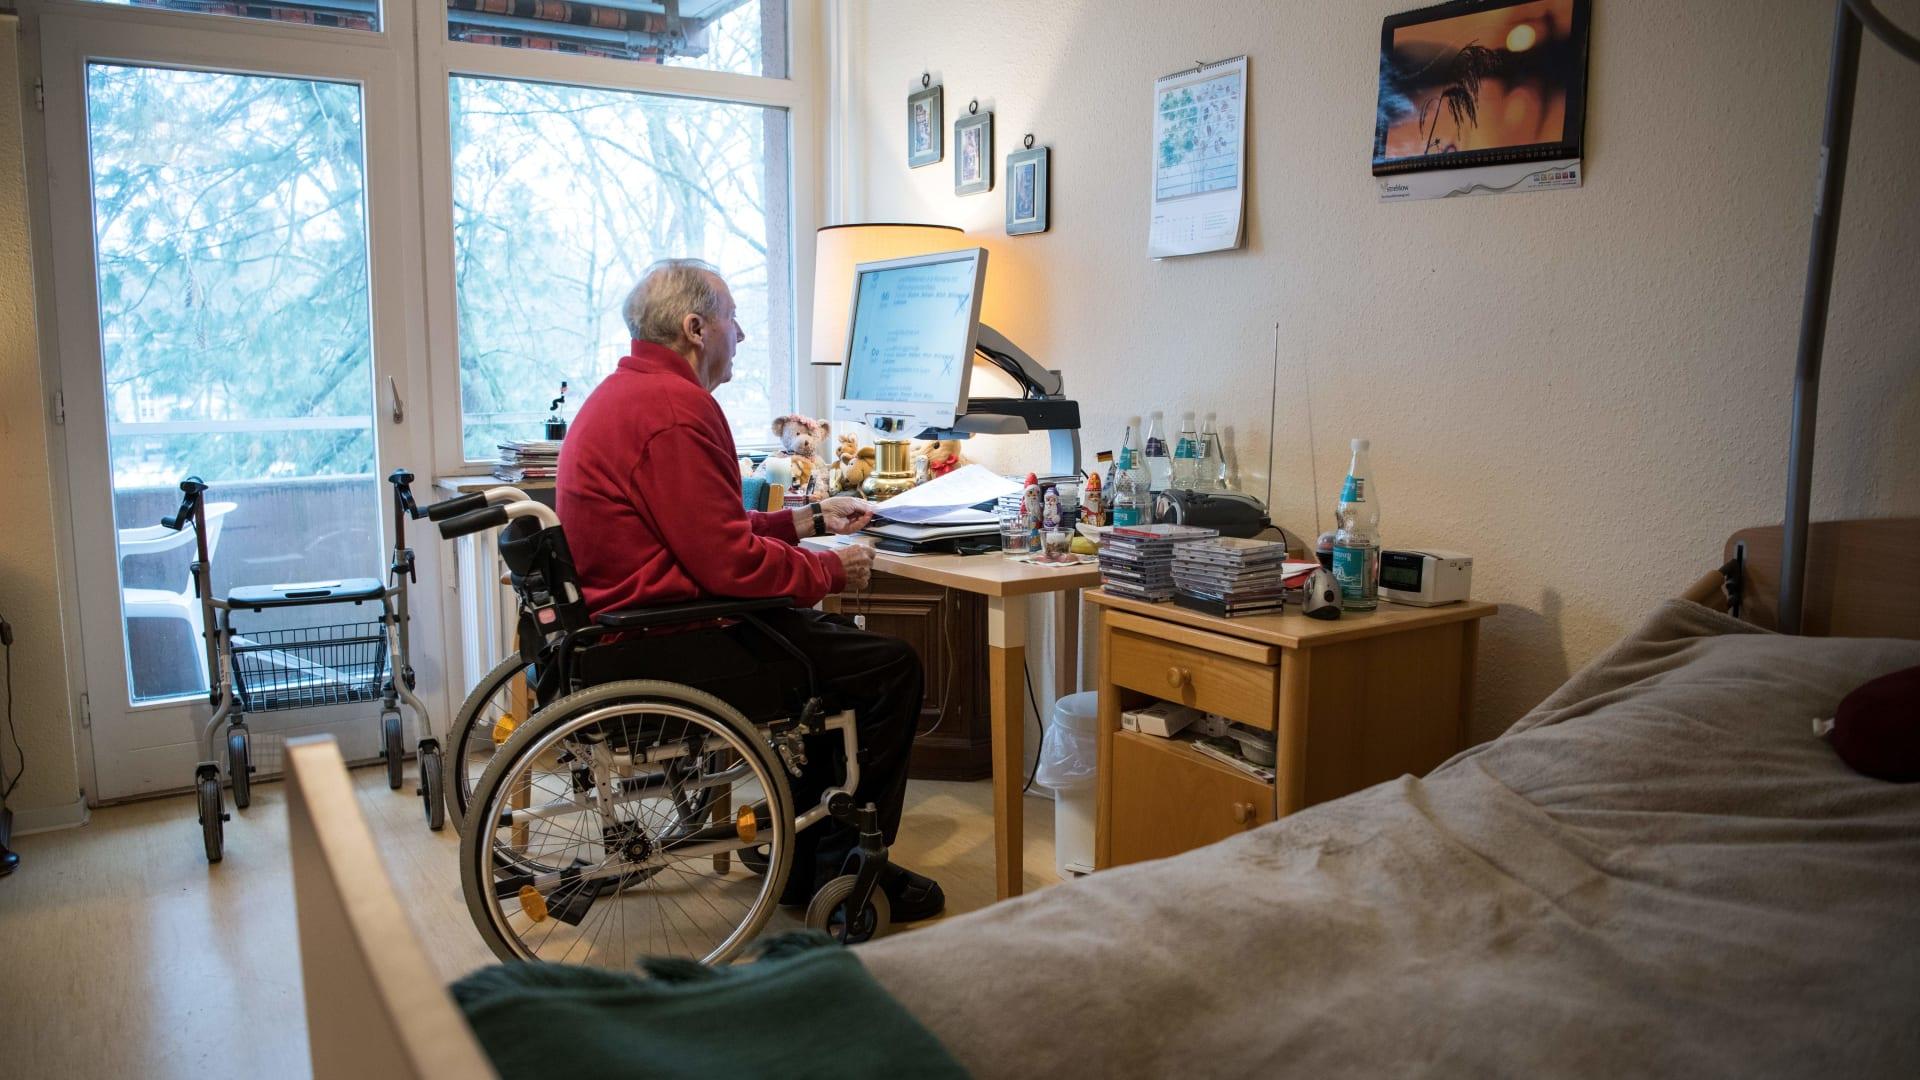 هل يشتمل منزلك على كبار في السن؟ إليك 7 نصائح مهمة عند رعايتهم